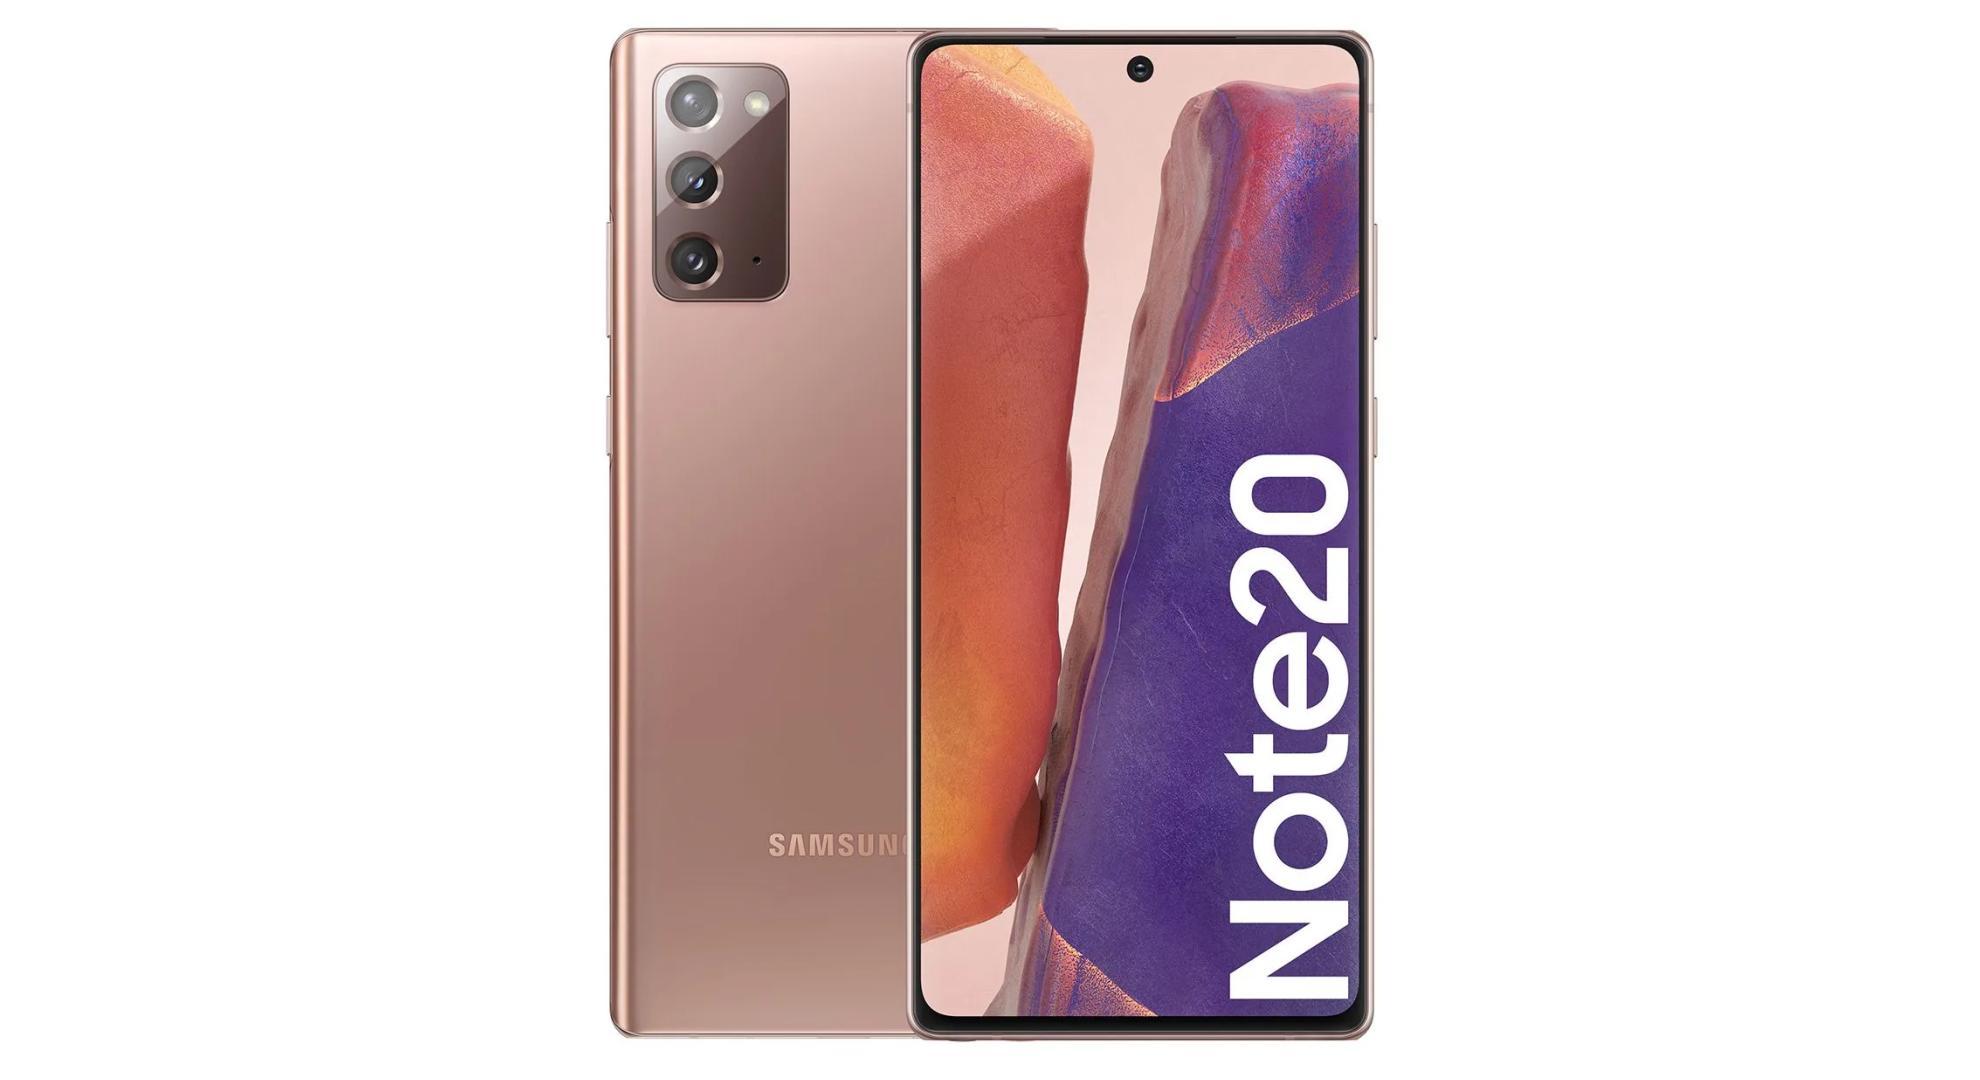 À peine sorti et déjà moins cher, le Samsung Galaxy Note 20 est disponible à 692 euros